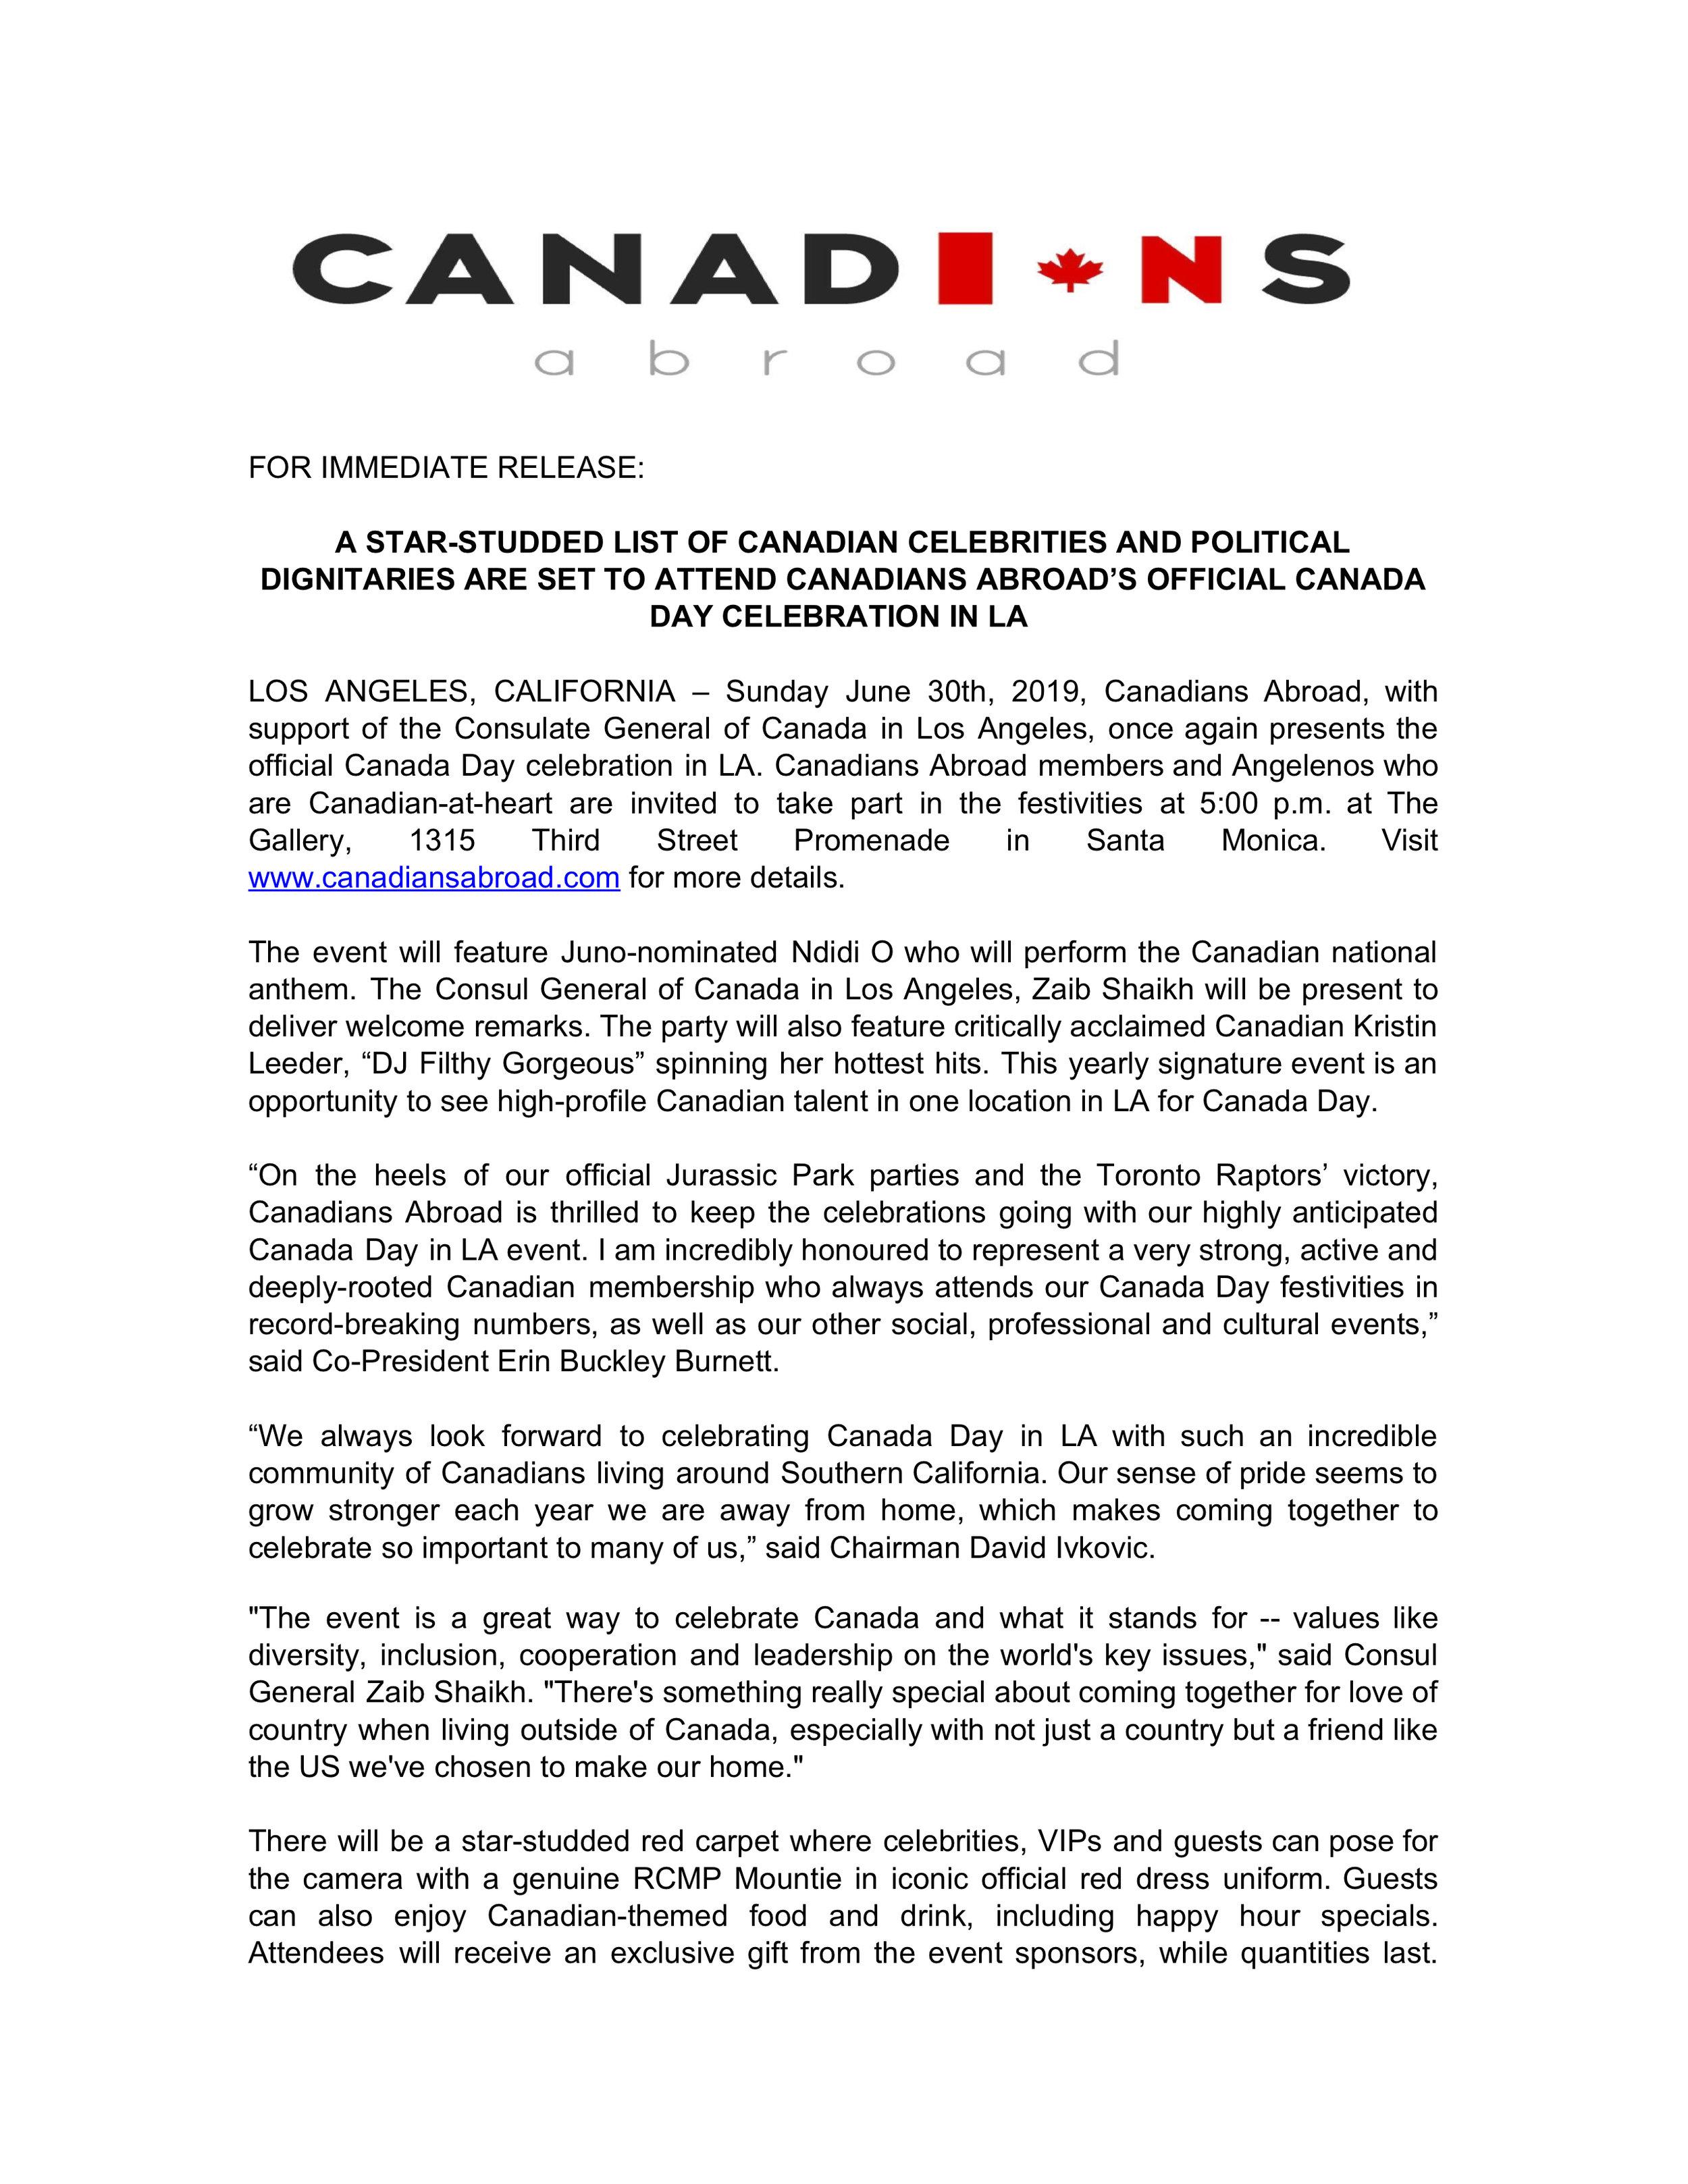 Canada Day in LA 2019 - For Immediate Release.jpg